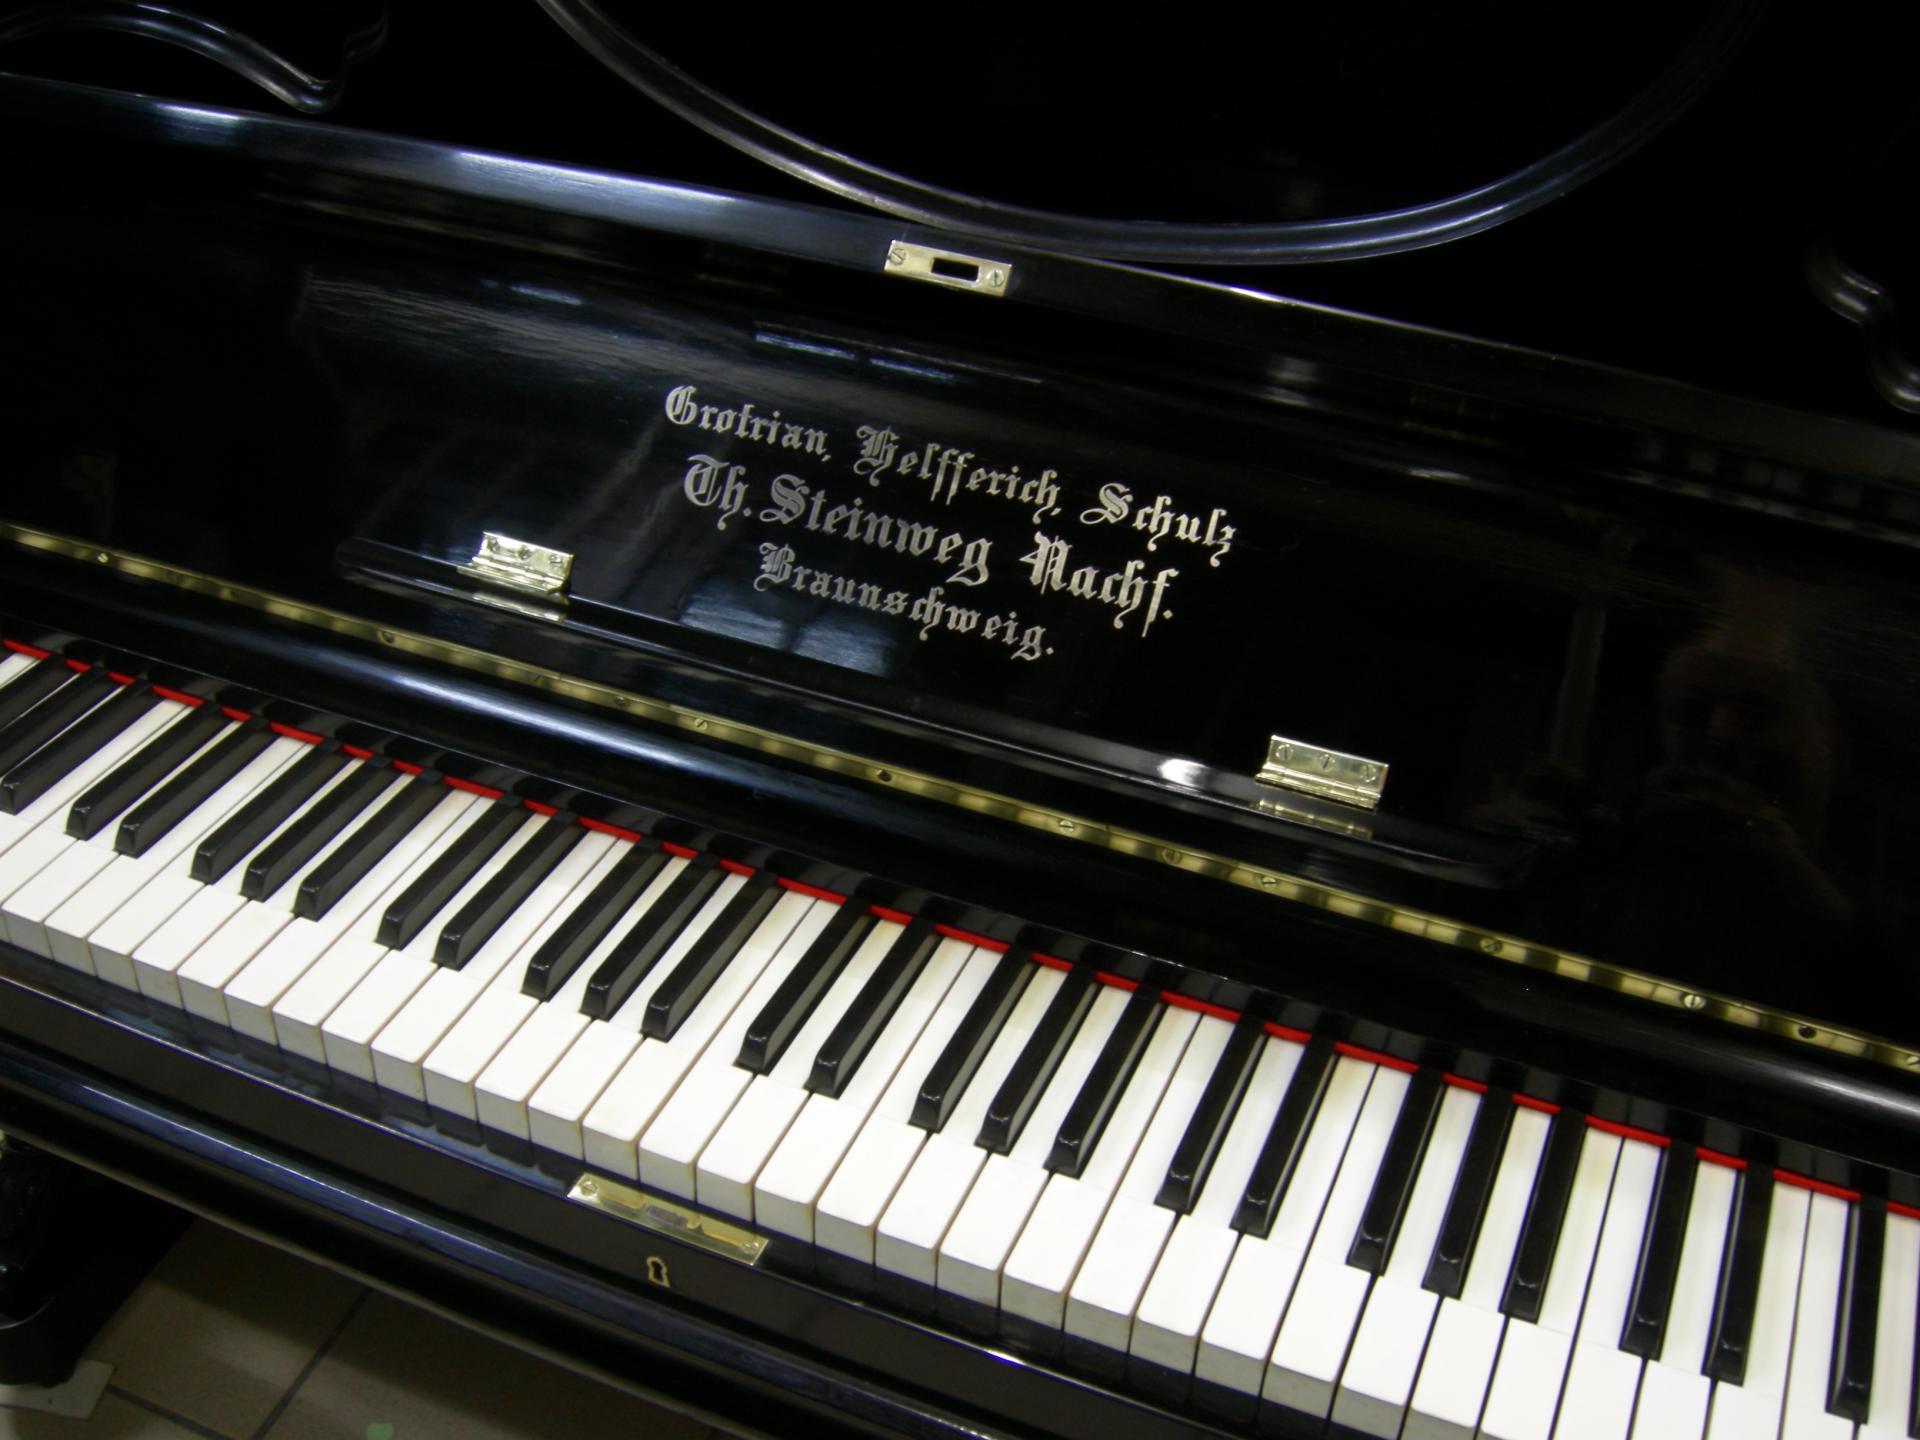 Grotrian helferich clavier apres